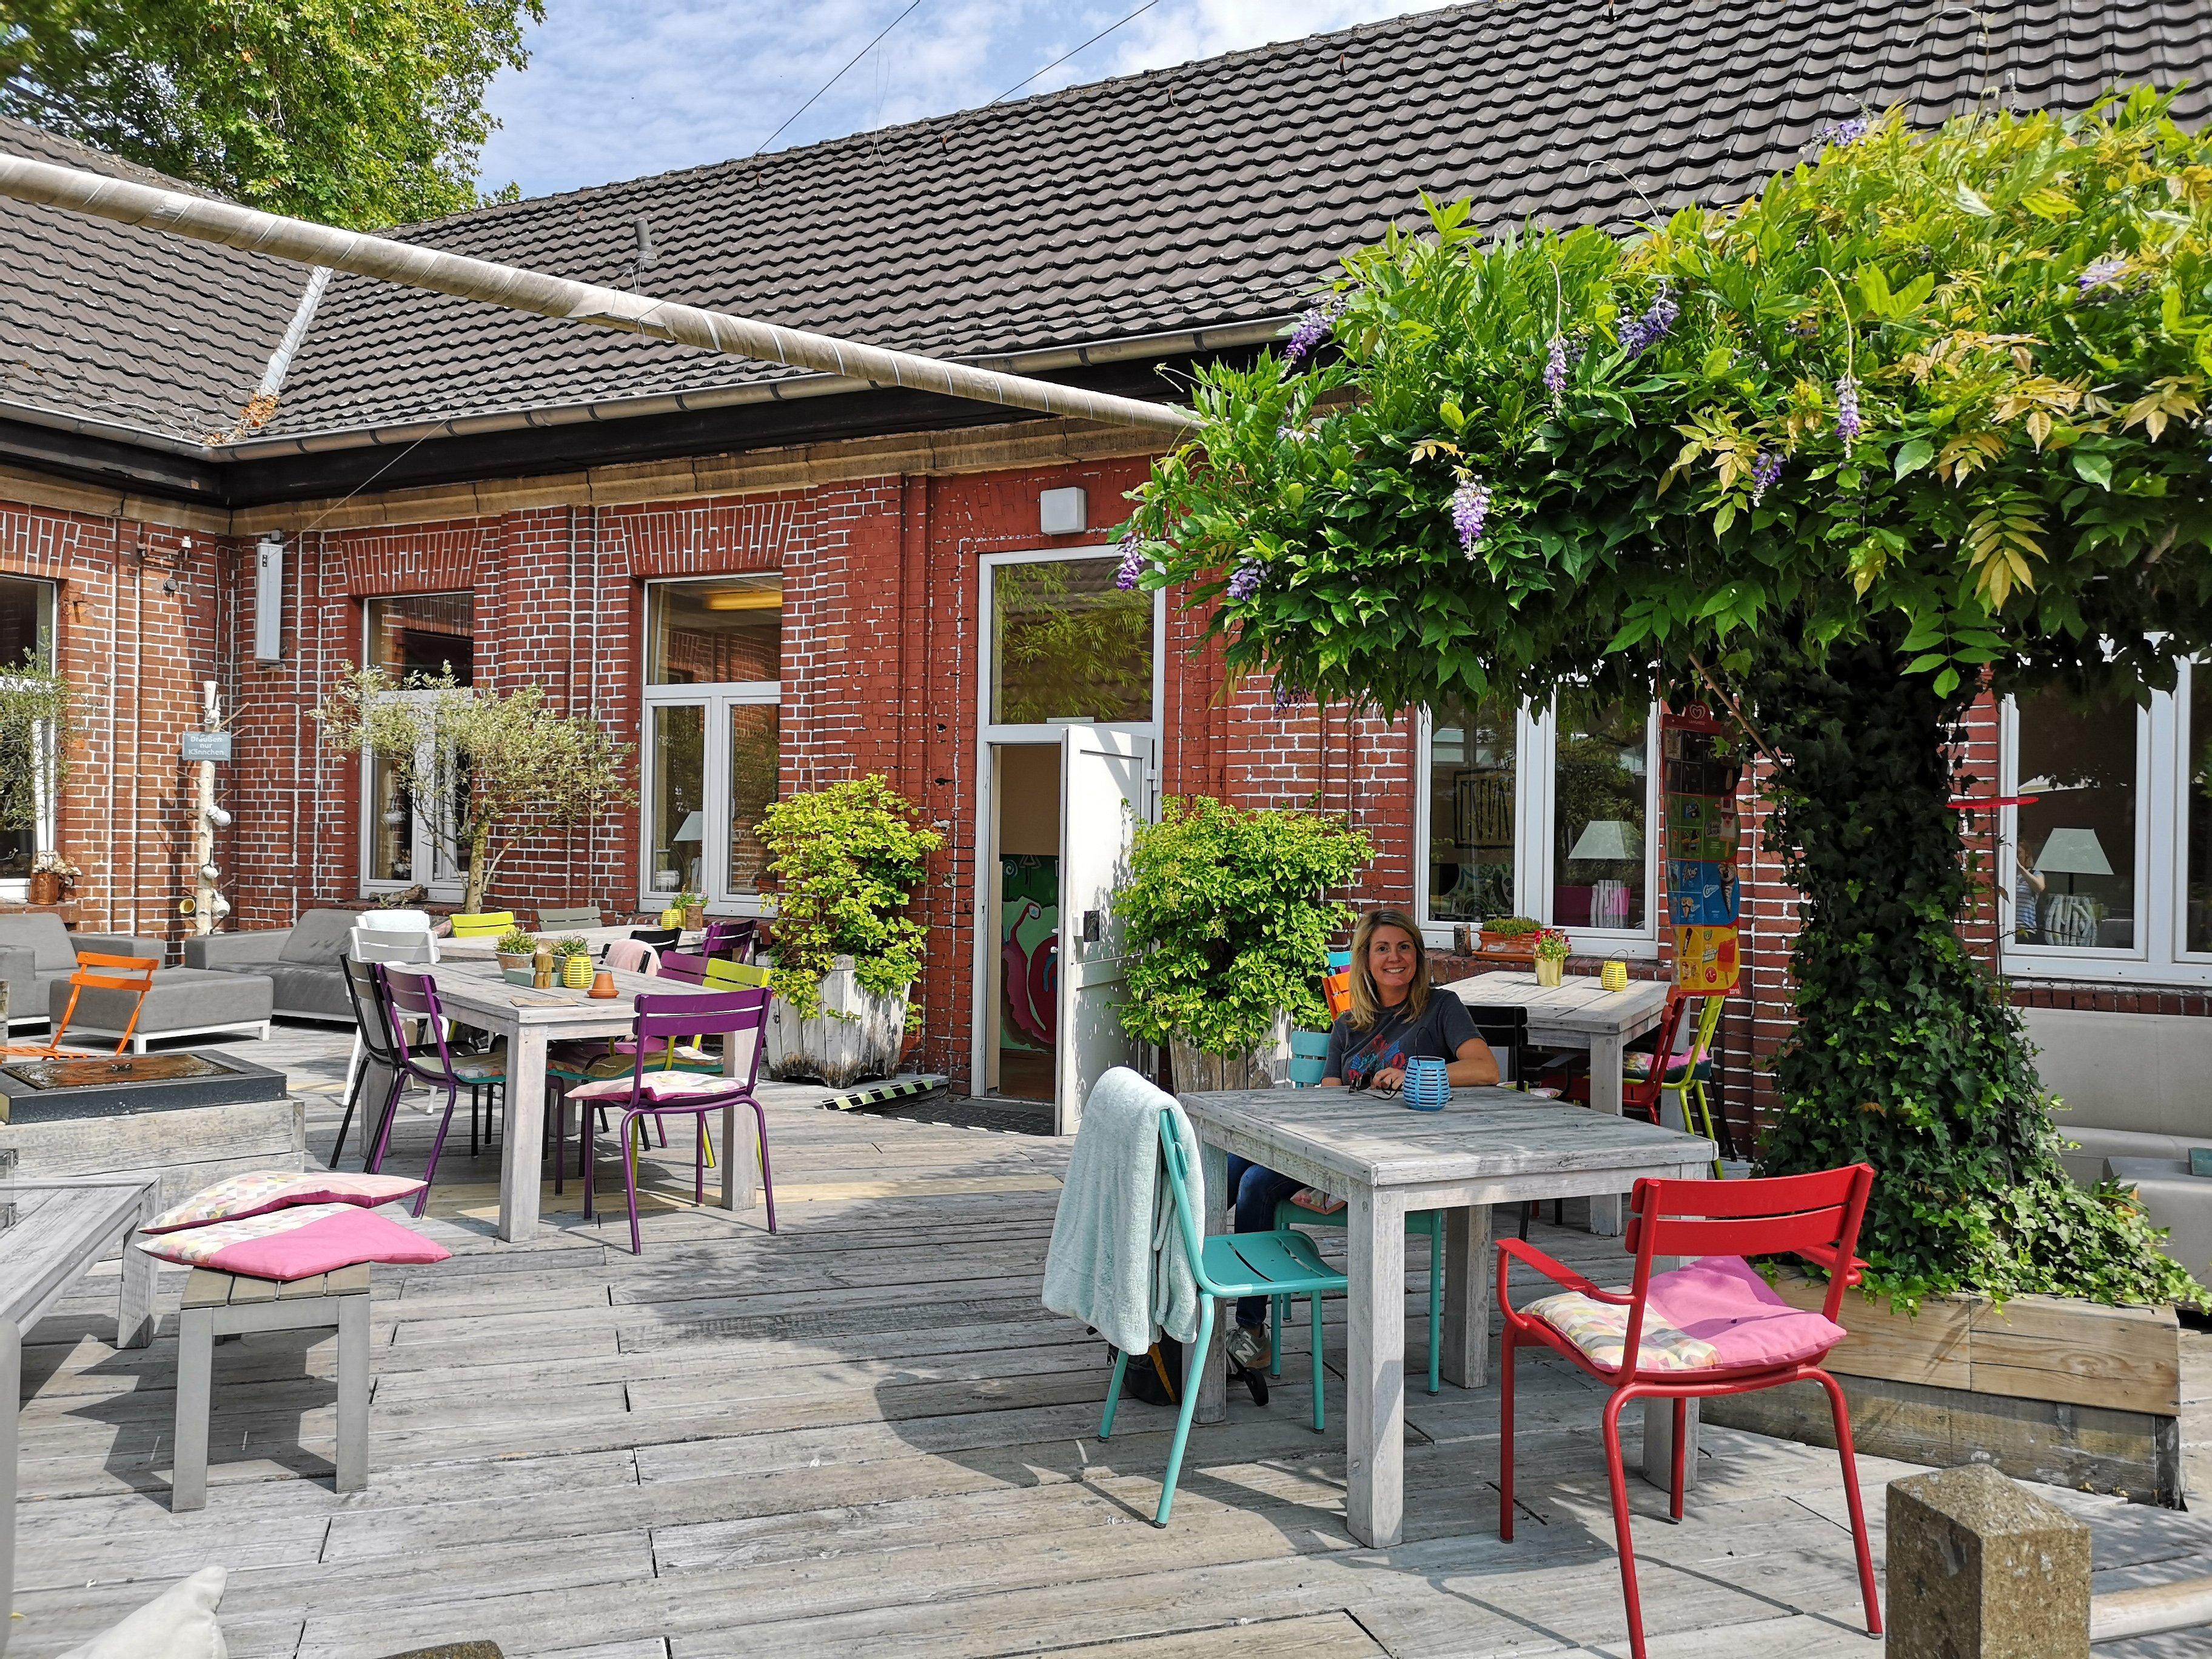 Das bild zeigt den Innenhof des In Hostel Veritas in Oberhausen